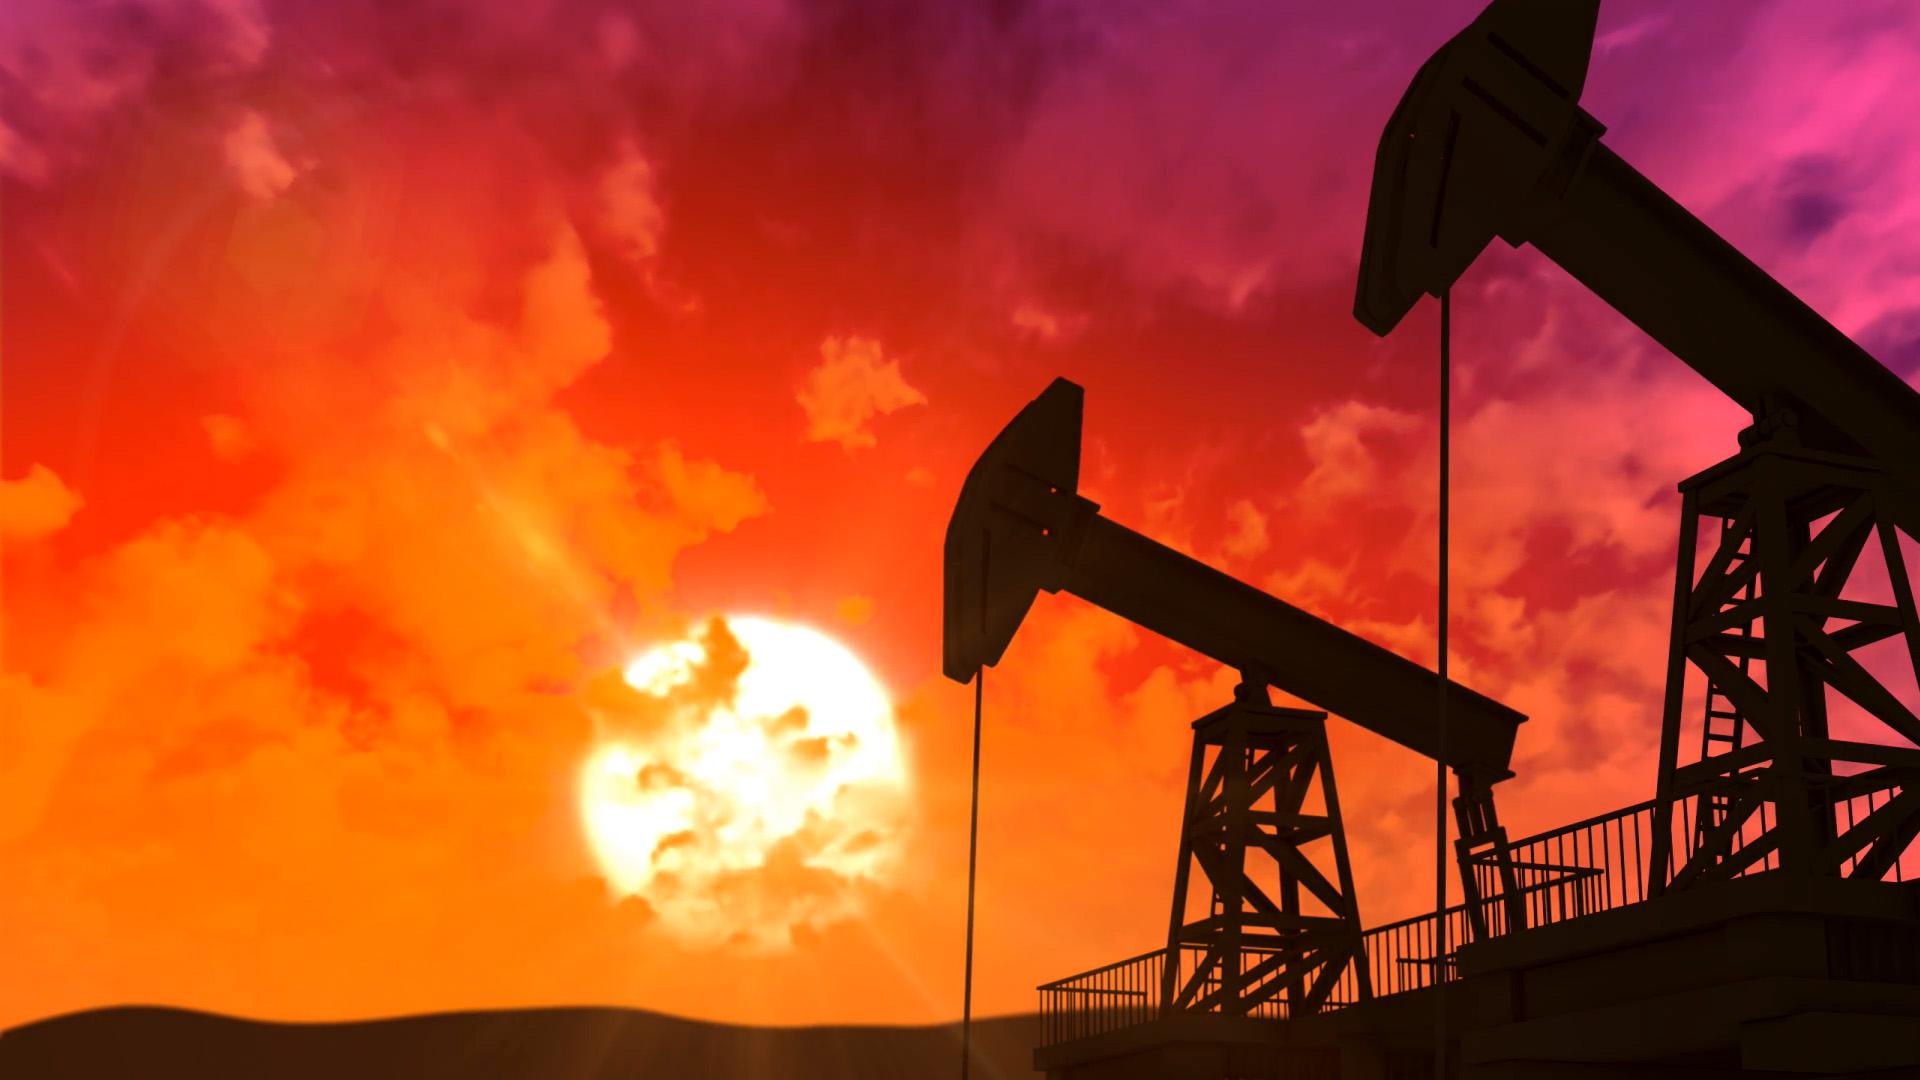 Olja bild till hemsidan